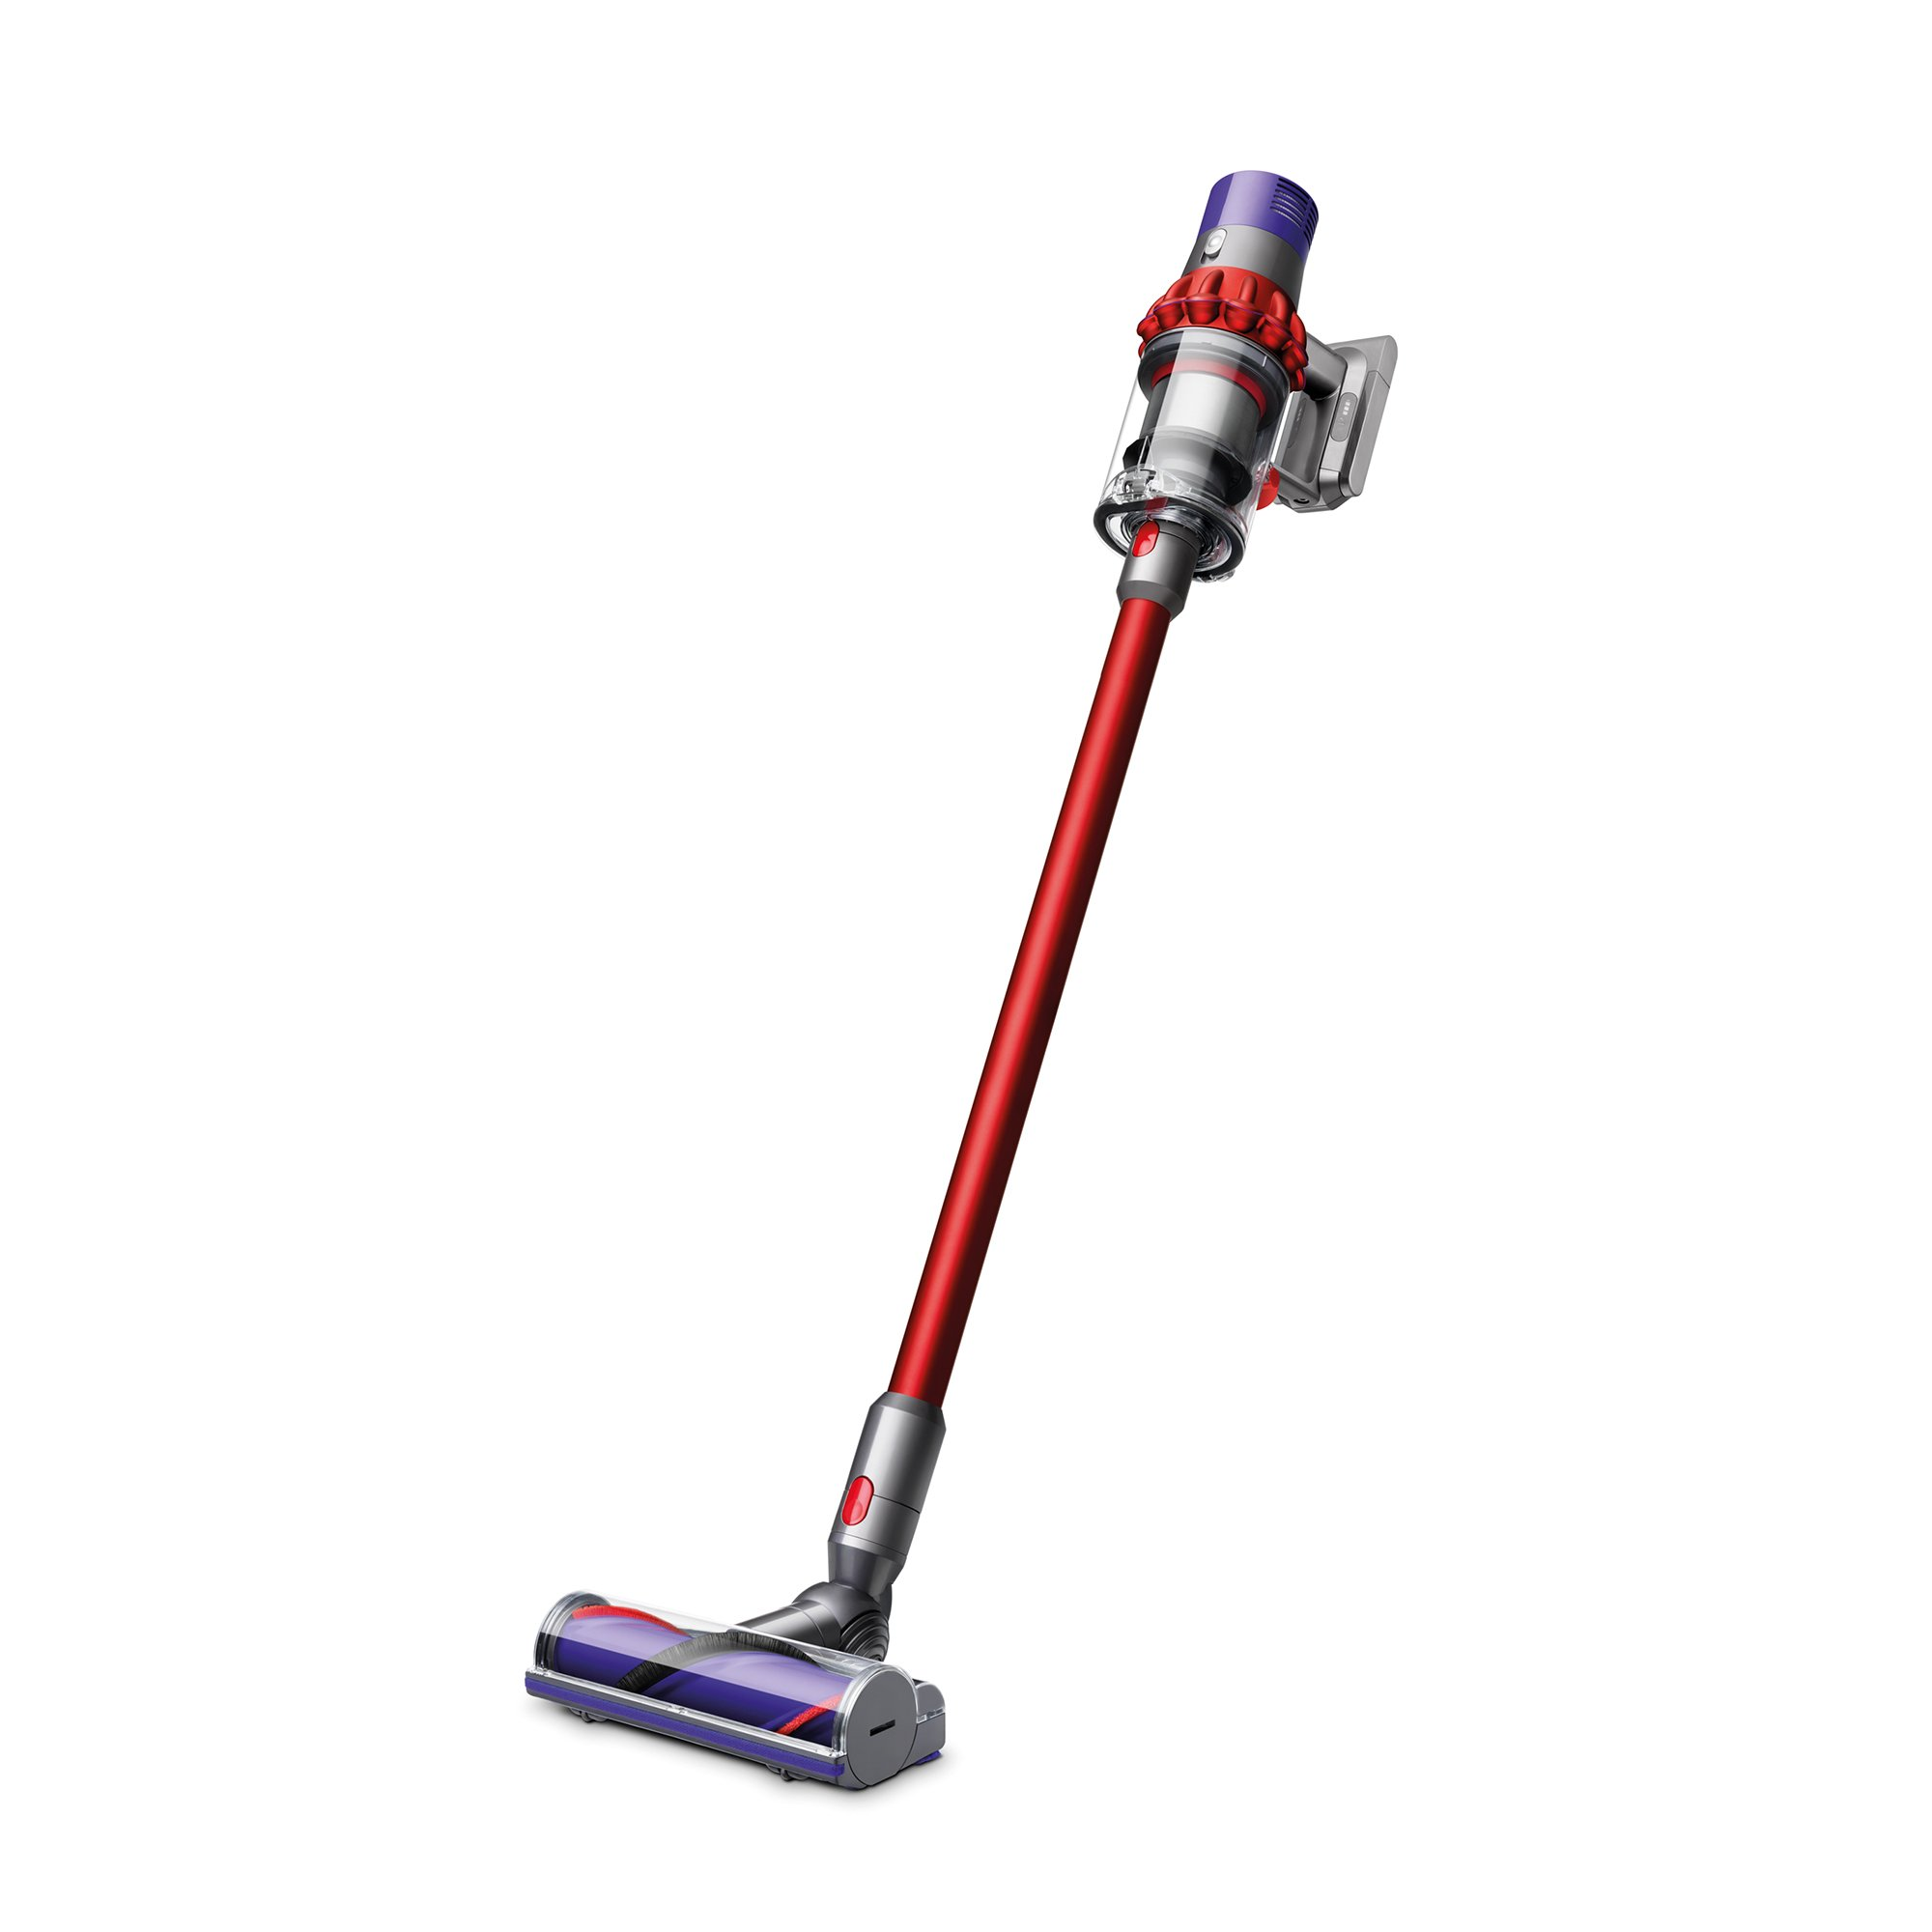 다이슨 싸이클론 V10 무선청소기 - 모터헤드, 애니멀, 앱솔루트 3종 새재품 (변압기 필요 없이 돼지코 사용) Dyson Cyclone V10 Lightweight Cordless Stick Vacuum Cleaner